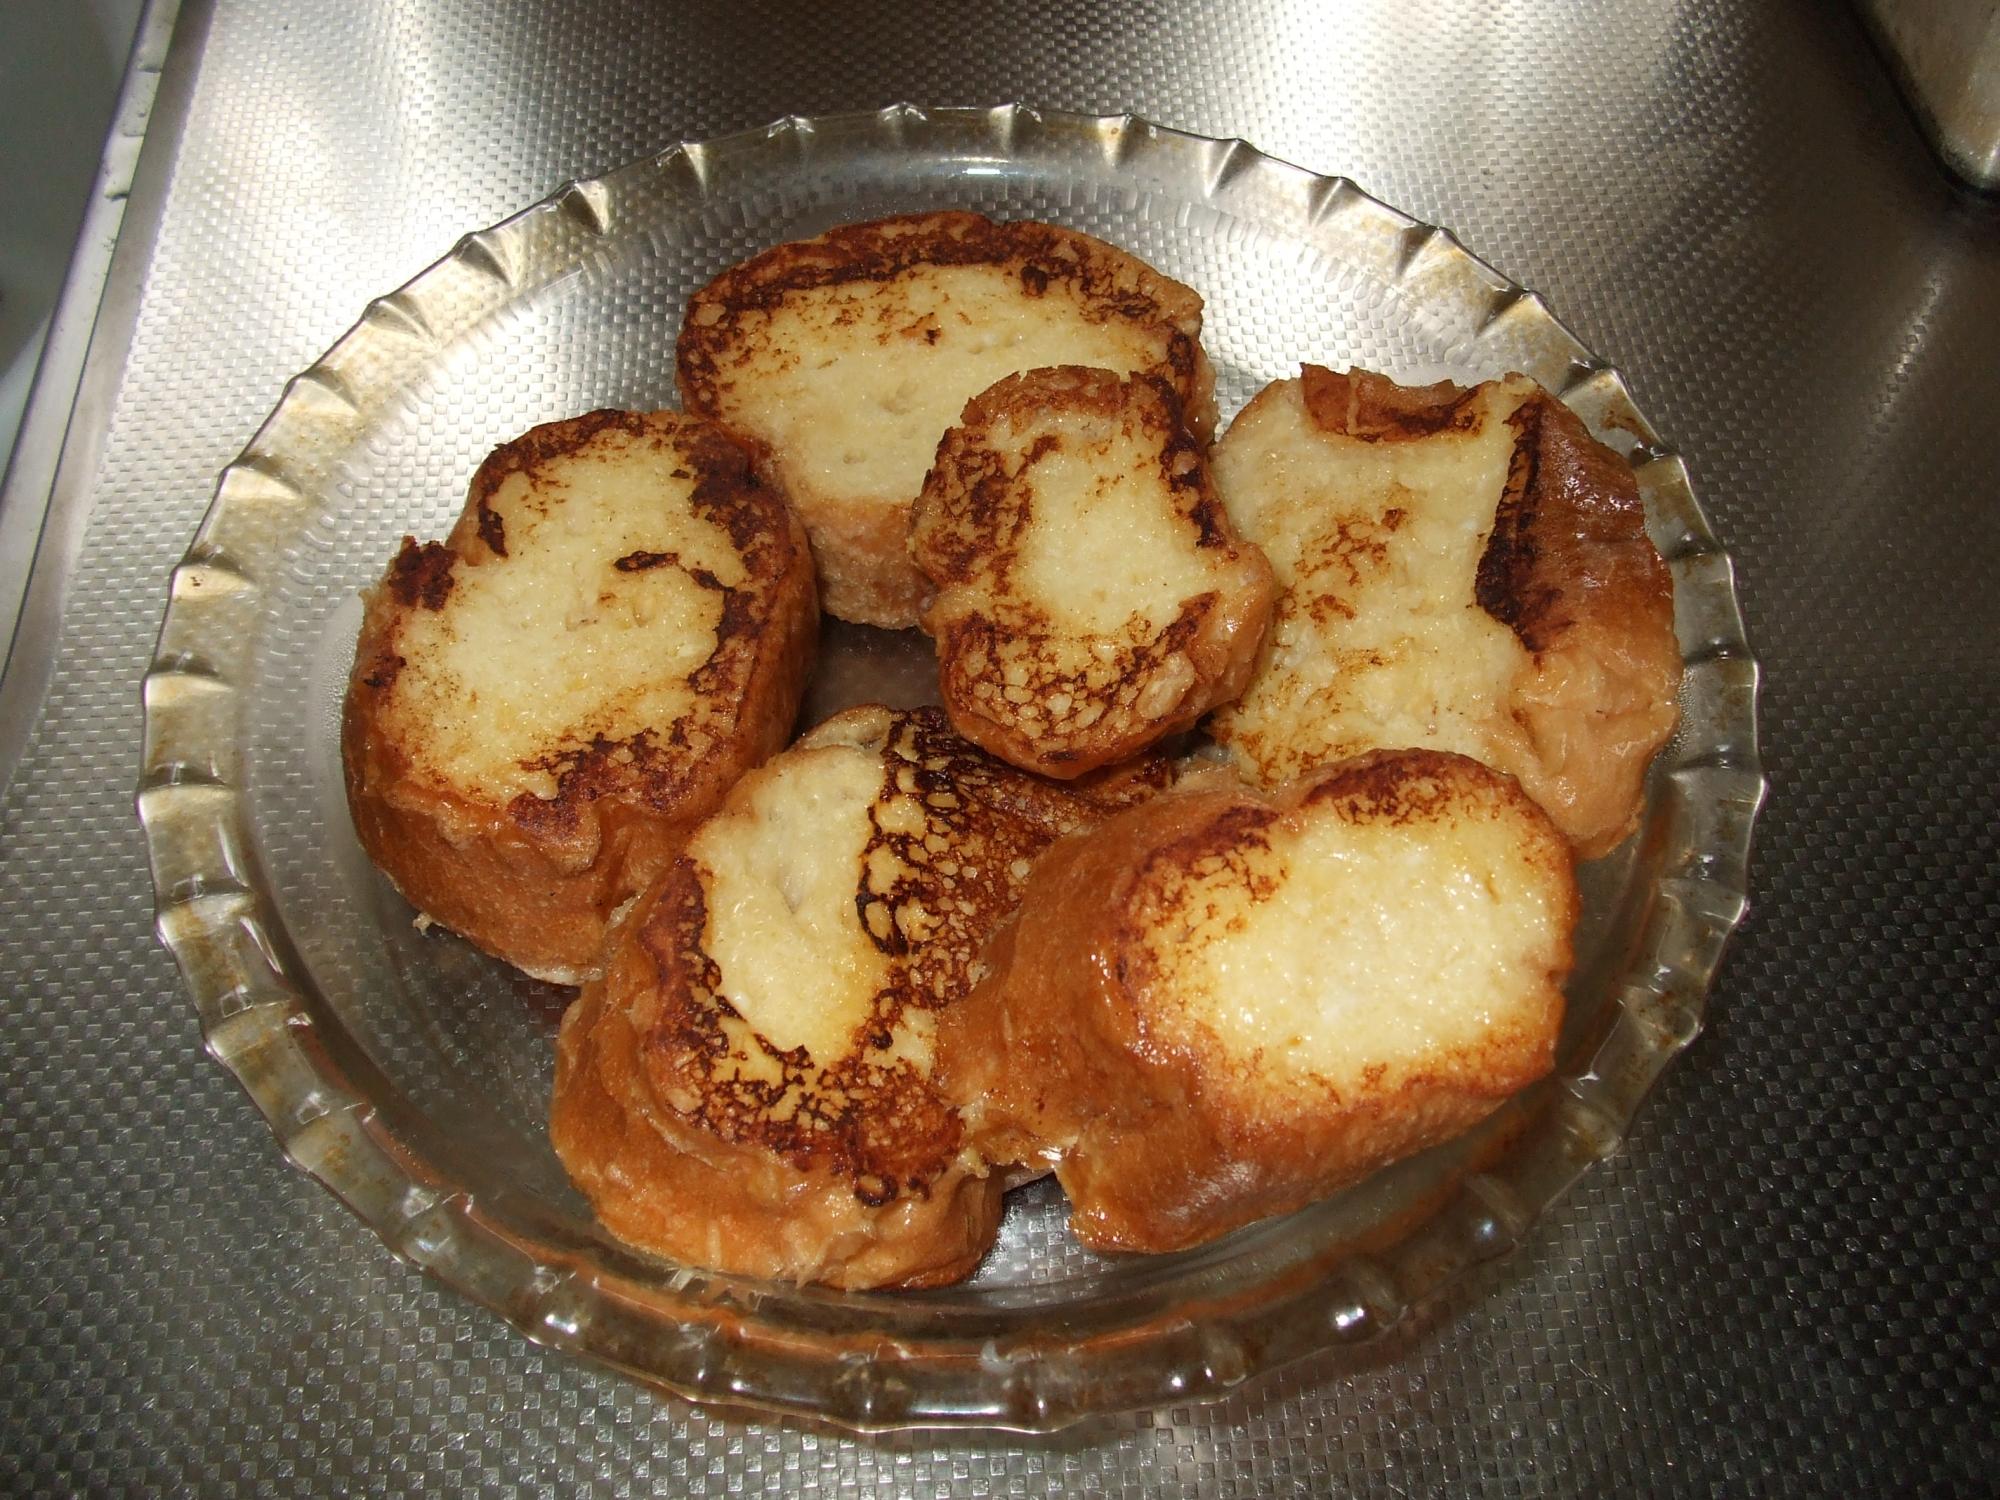 脱脂粉乳でフレンチトースト